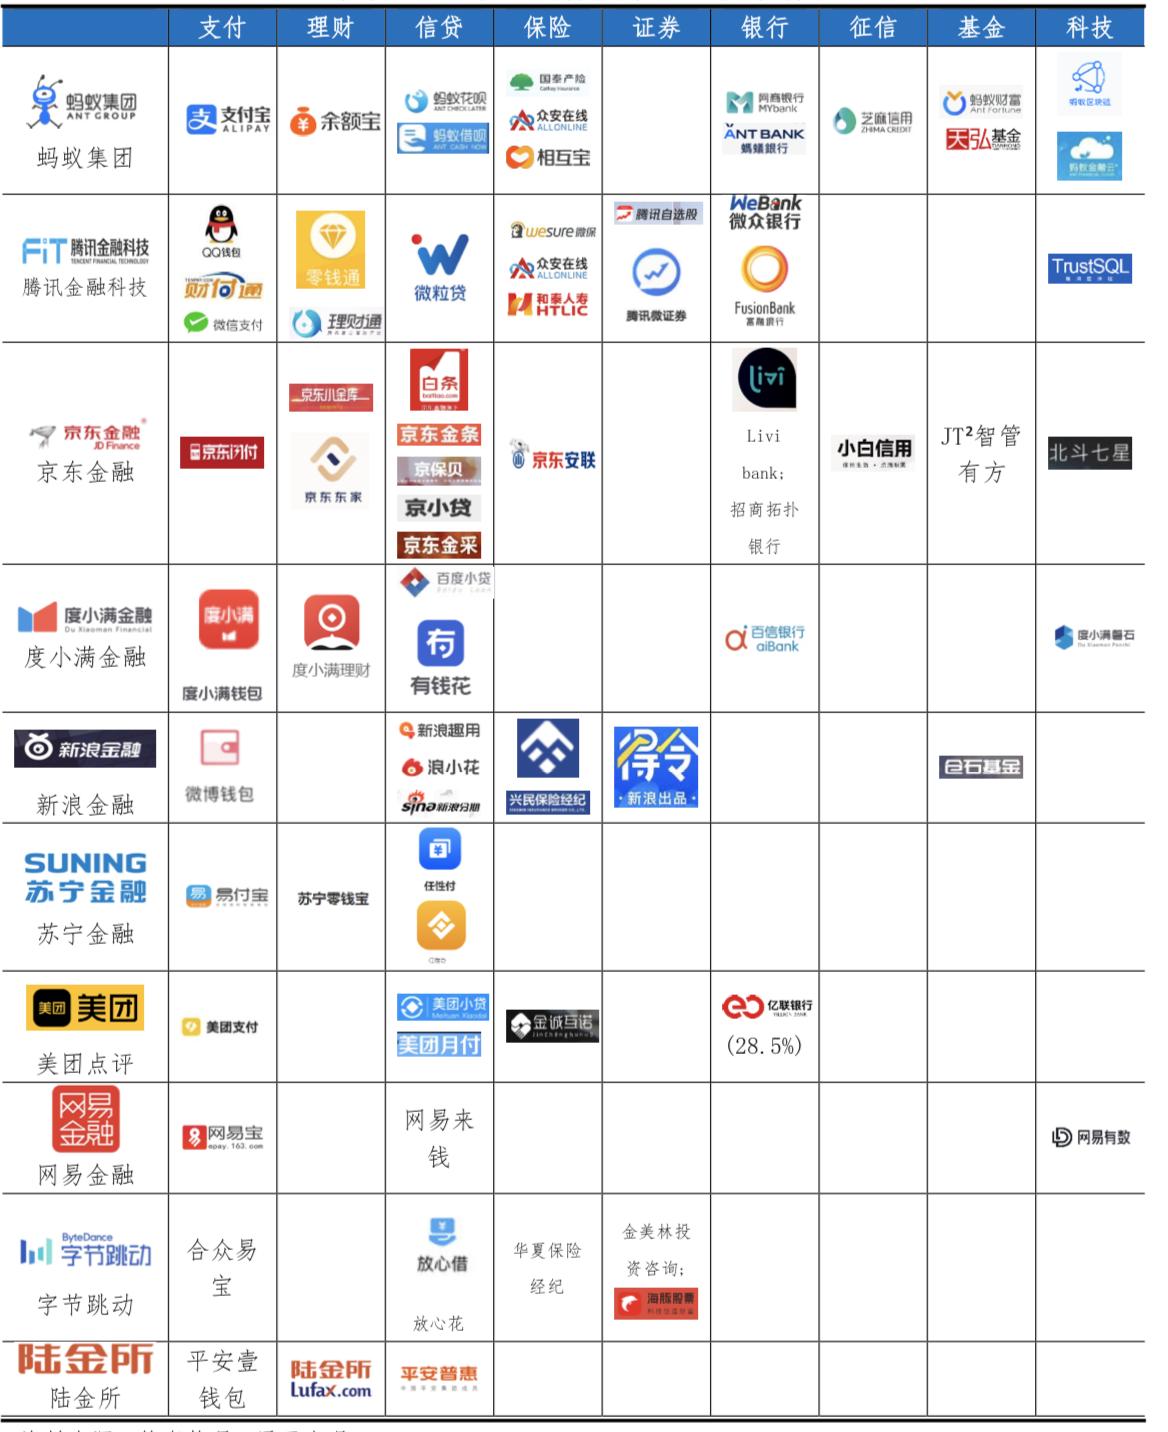 互联网金融科技平台产品和牌照矩阵